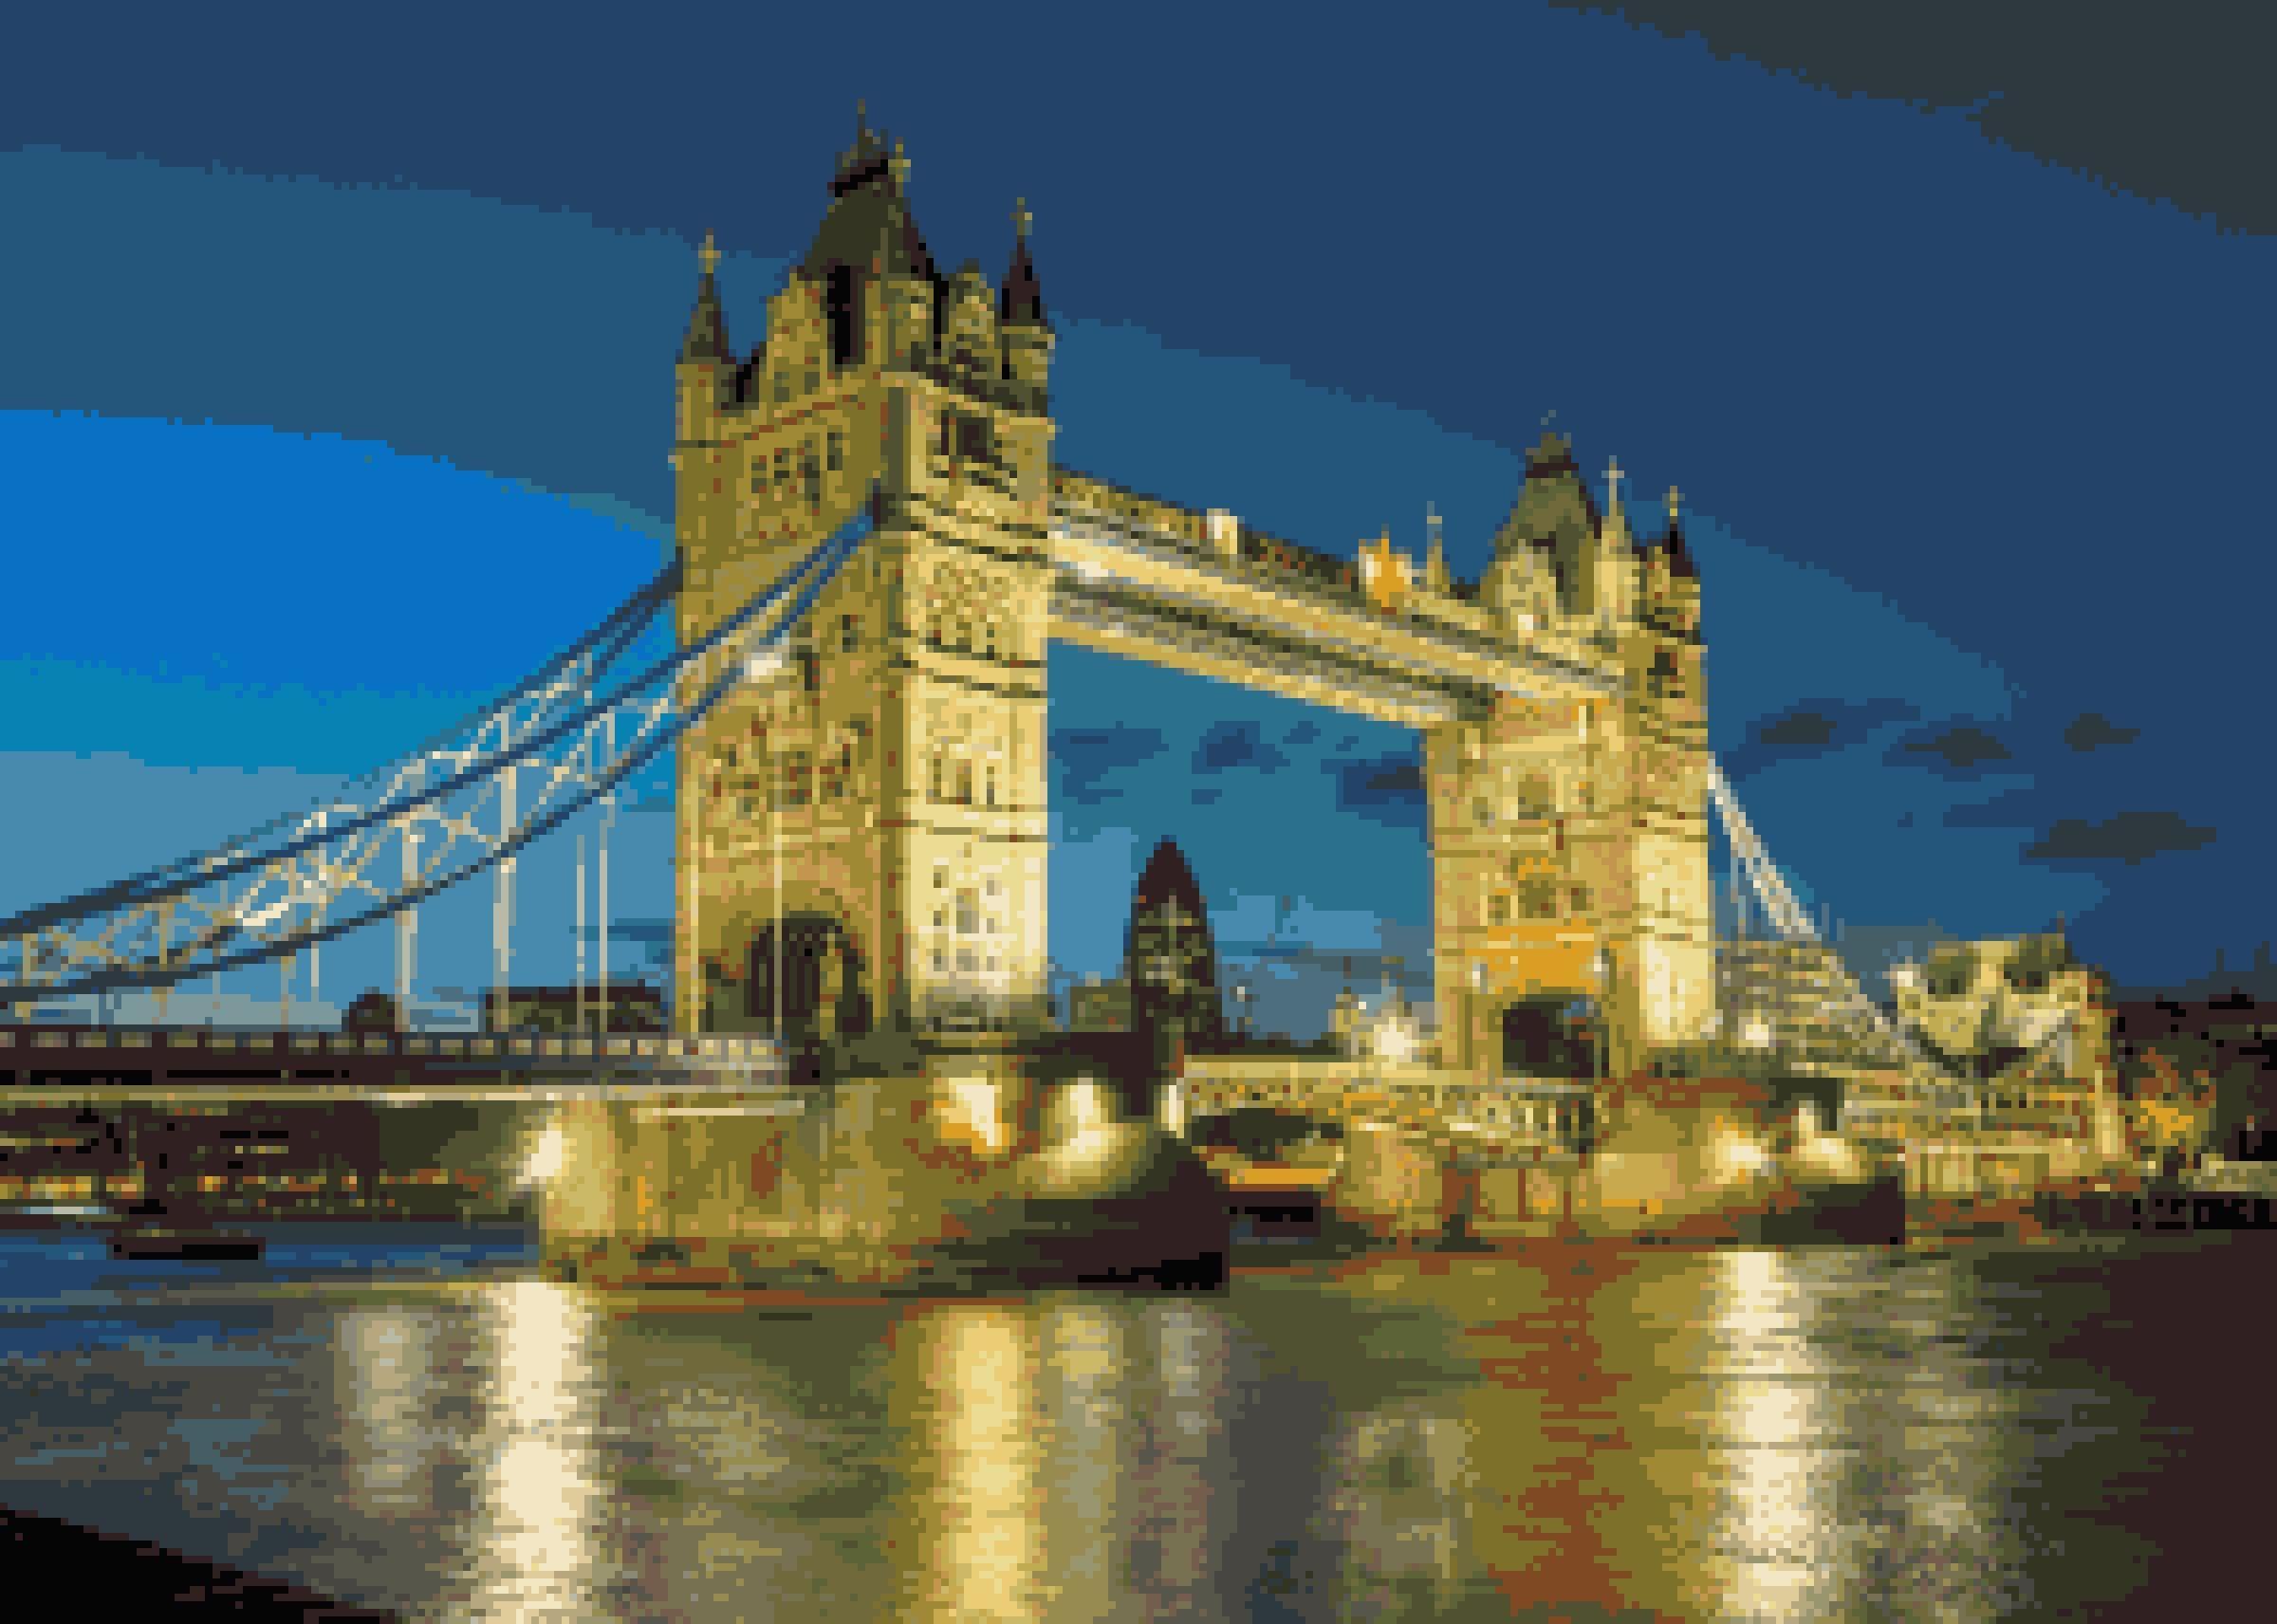 London Bridge At Night Cross Stitch Pattern Landmark Reflections Pixel Art Image British Scenic Bridges Cr Cross Stitch Patterns Cross Stitch Scenic Bridges Tower bridge night reflections london hd